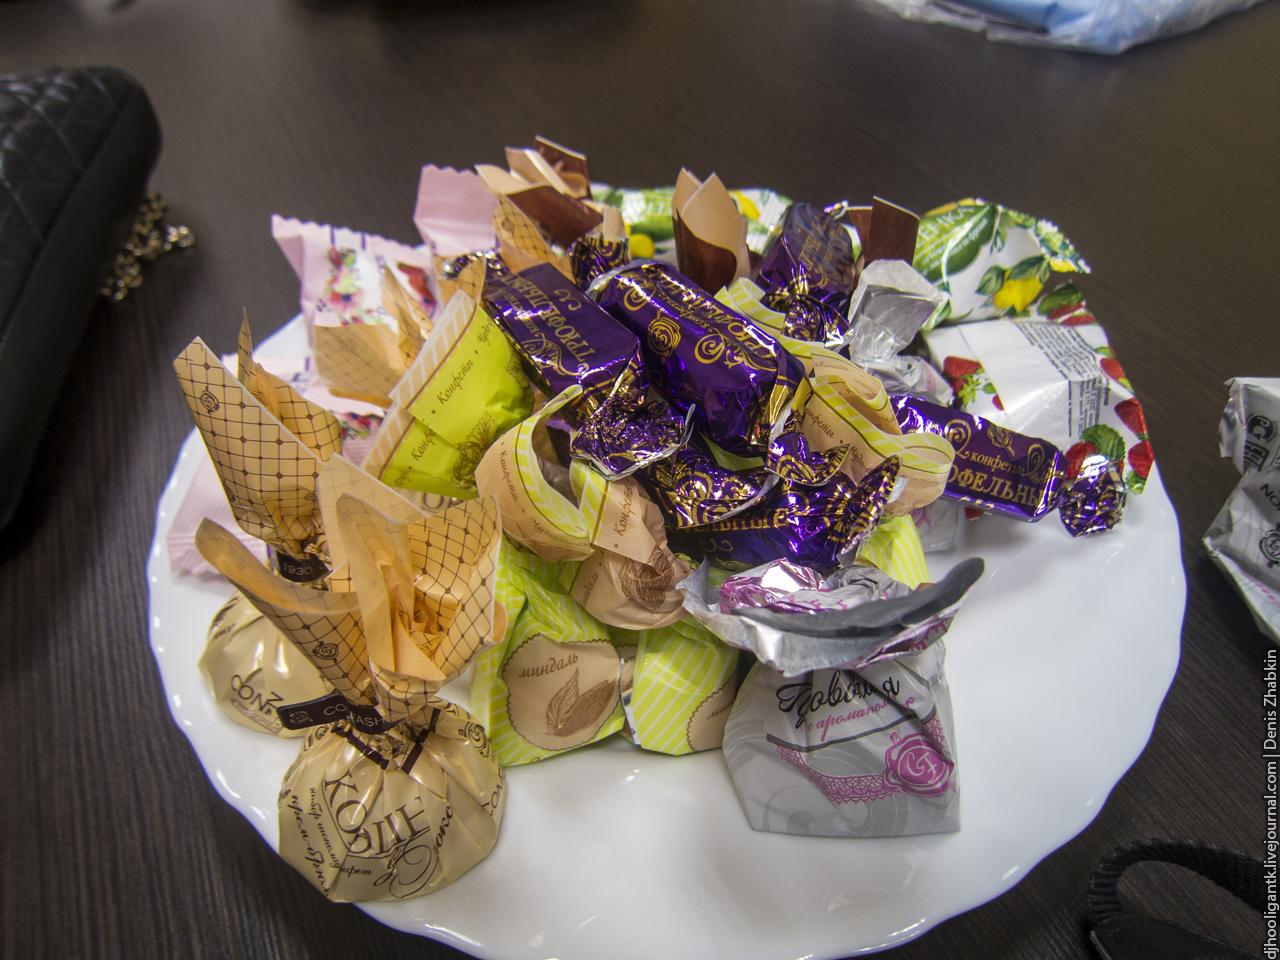 Саратовская кондитерская фабрика: как производят конфеты